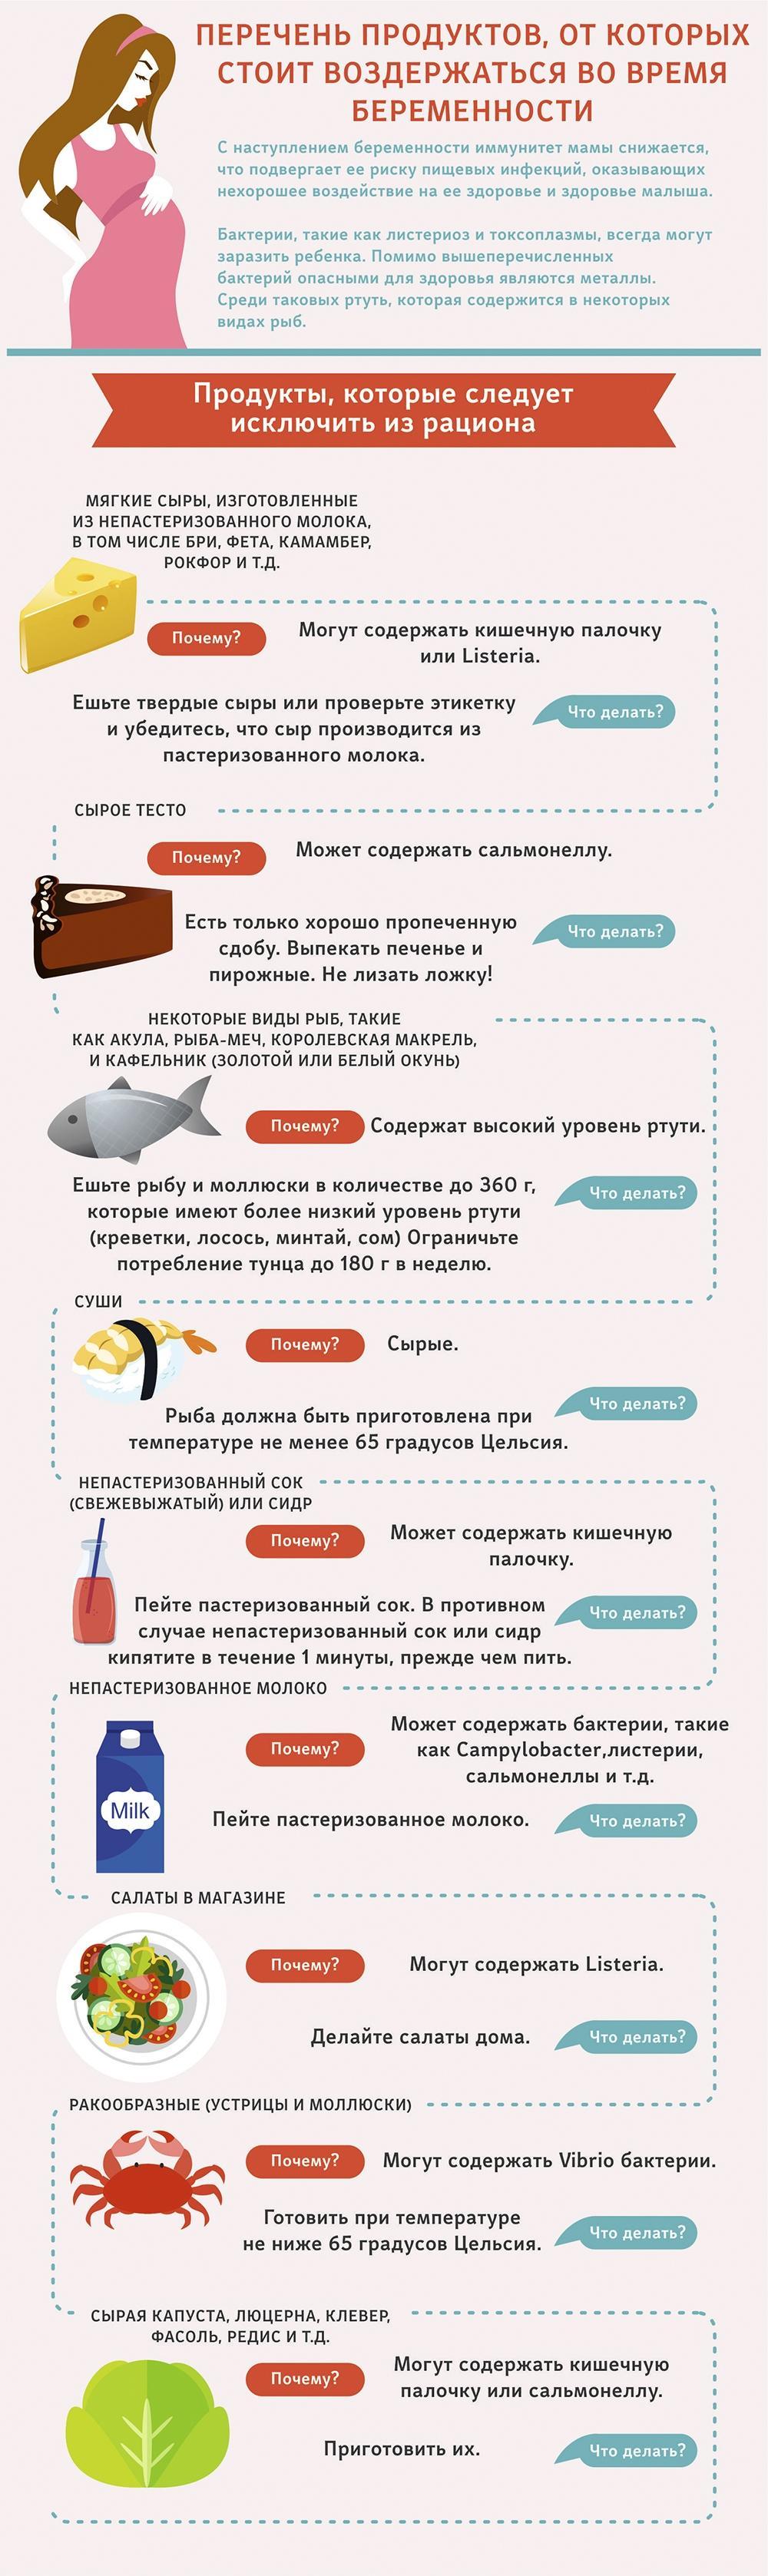 Какие продукты нельзя во время беременности